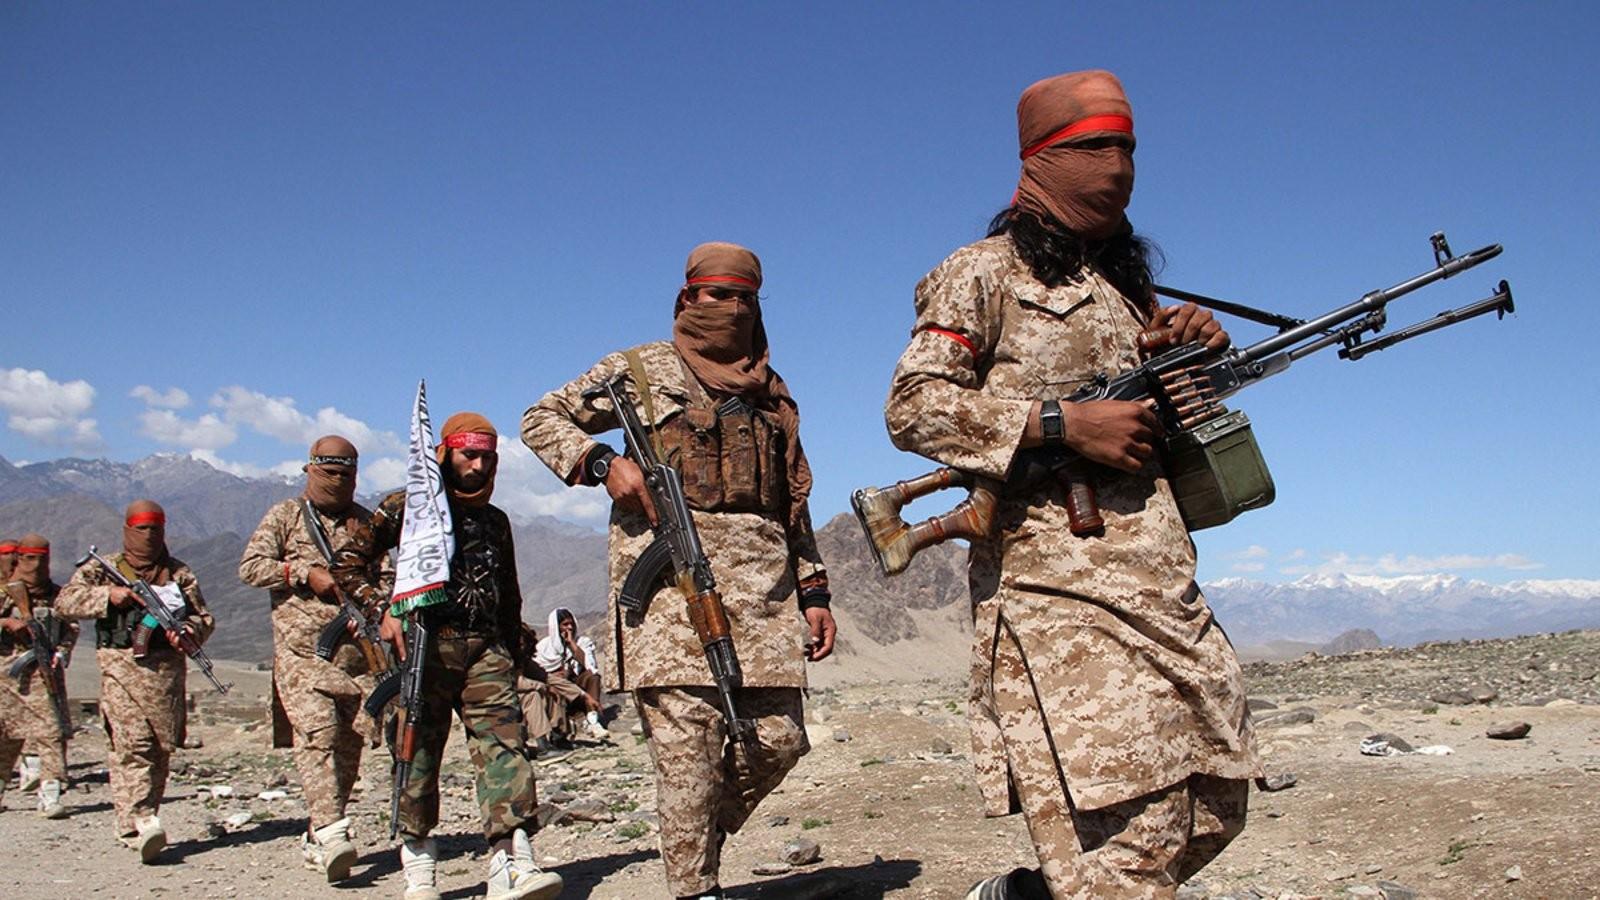 तालिबानहरु अफगान सरकारसँग वर्ताका लागि तयार